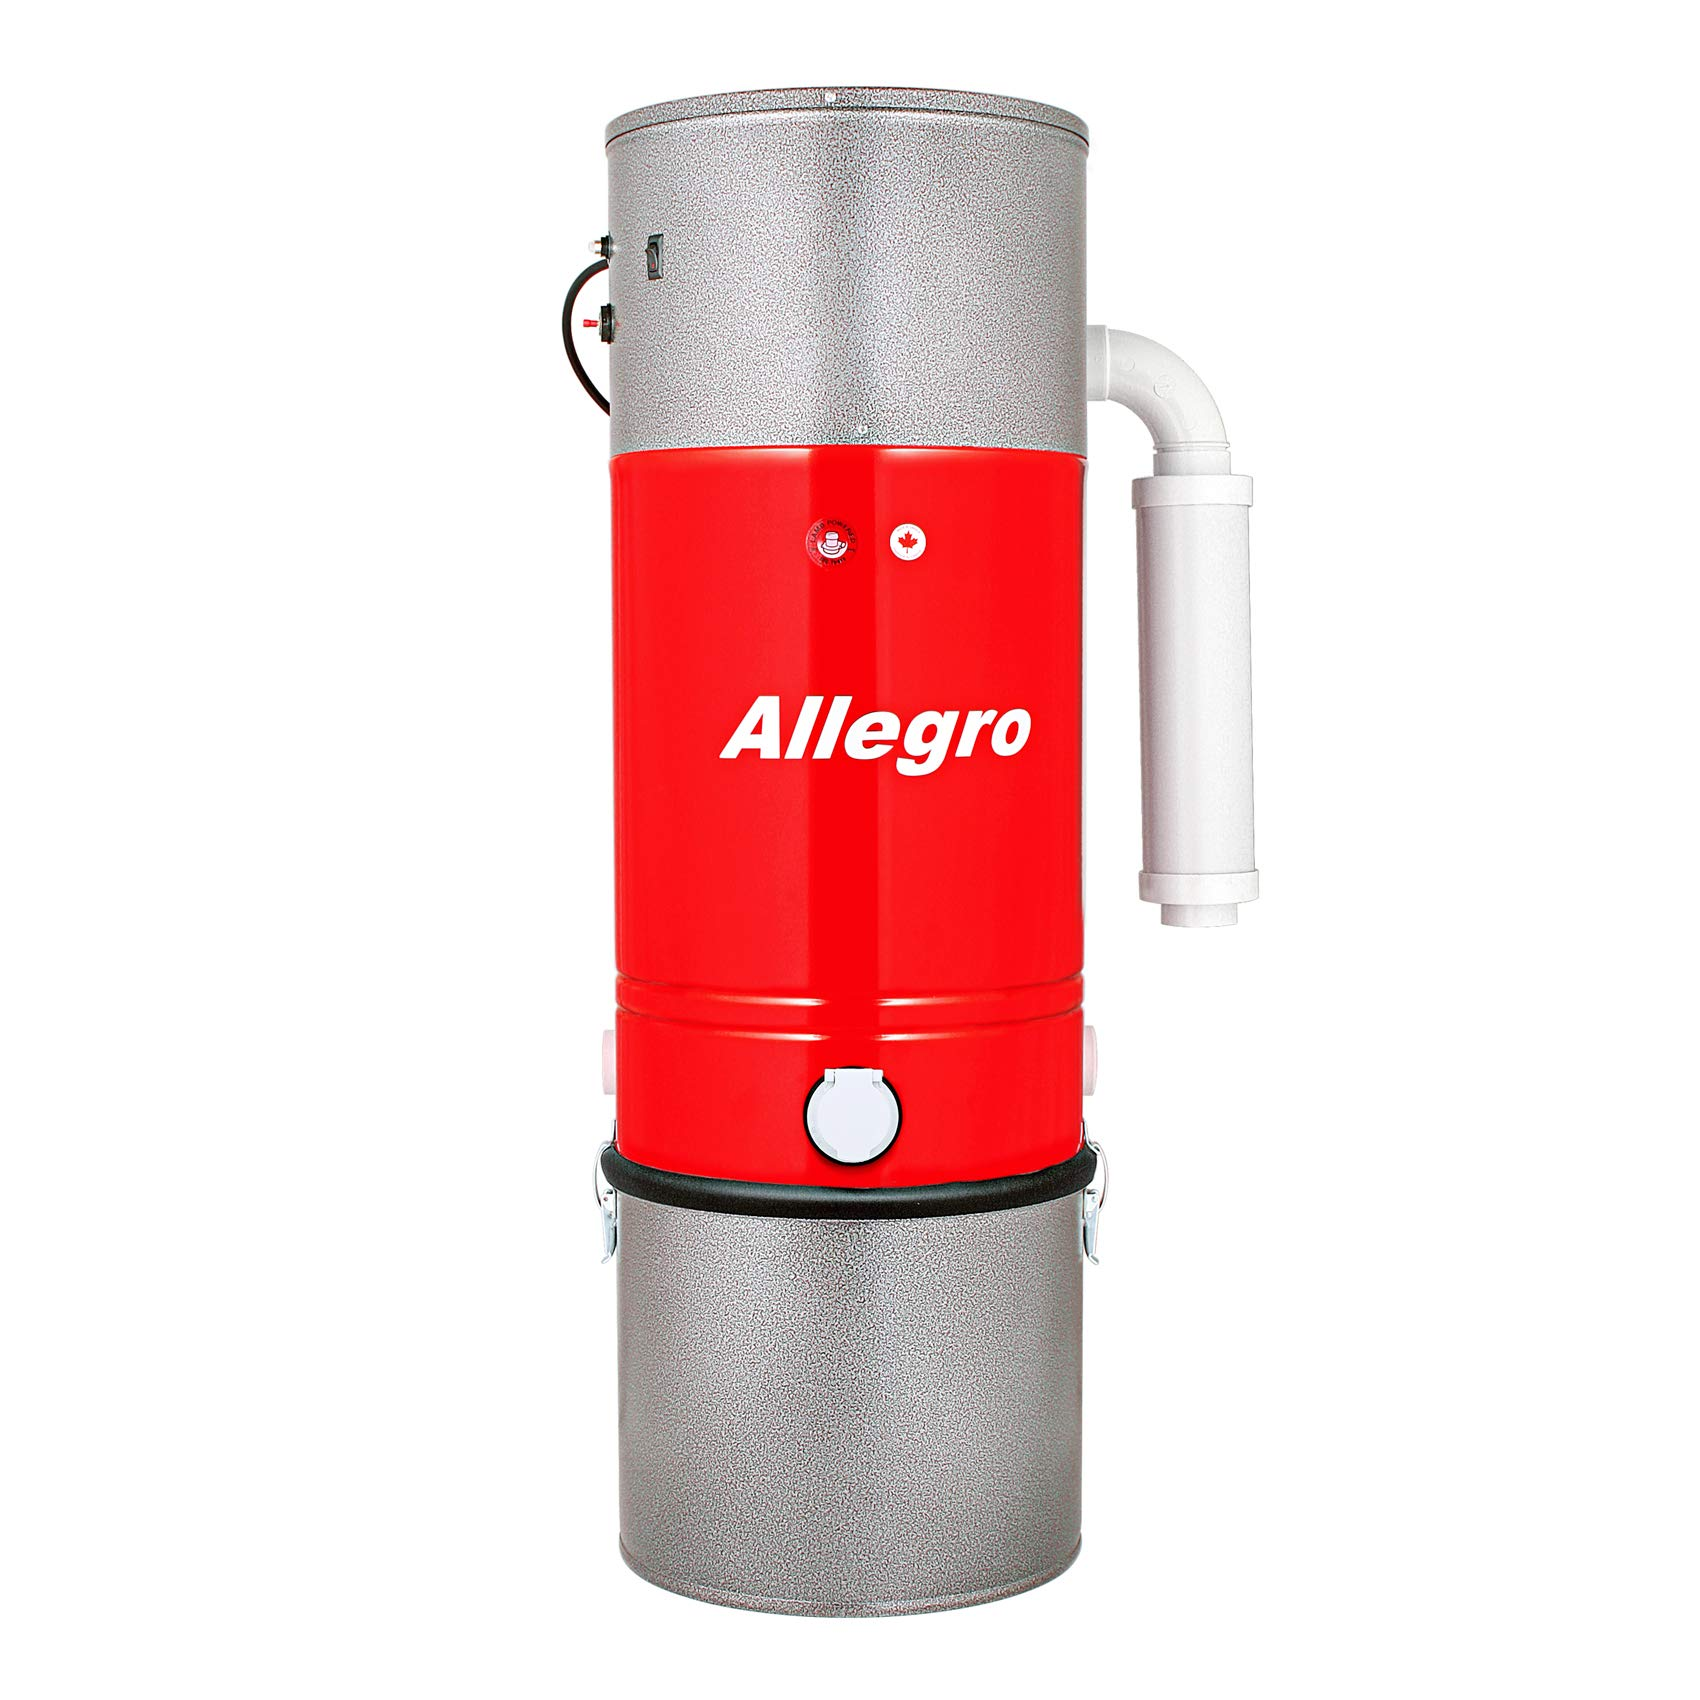 Allegro MUA75 Zenith 15,000 Square Feet Central Vacuum Power Unit